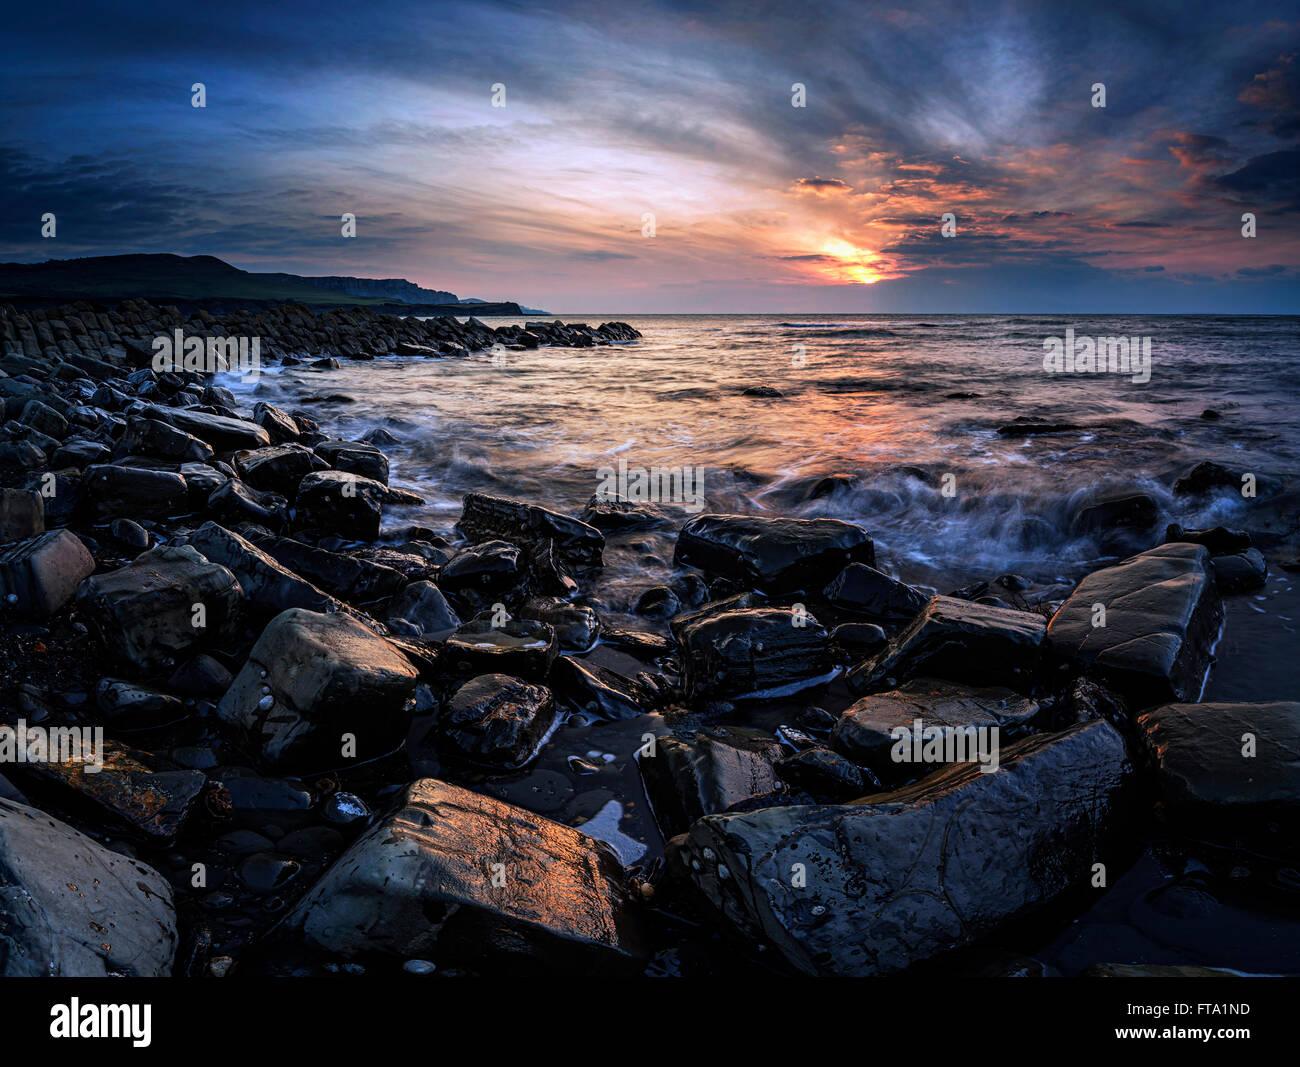 Magnifique coucher de soleil image paysage de côte rocheuse dans le Dorset en Angleterre Photo Stock